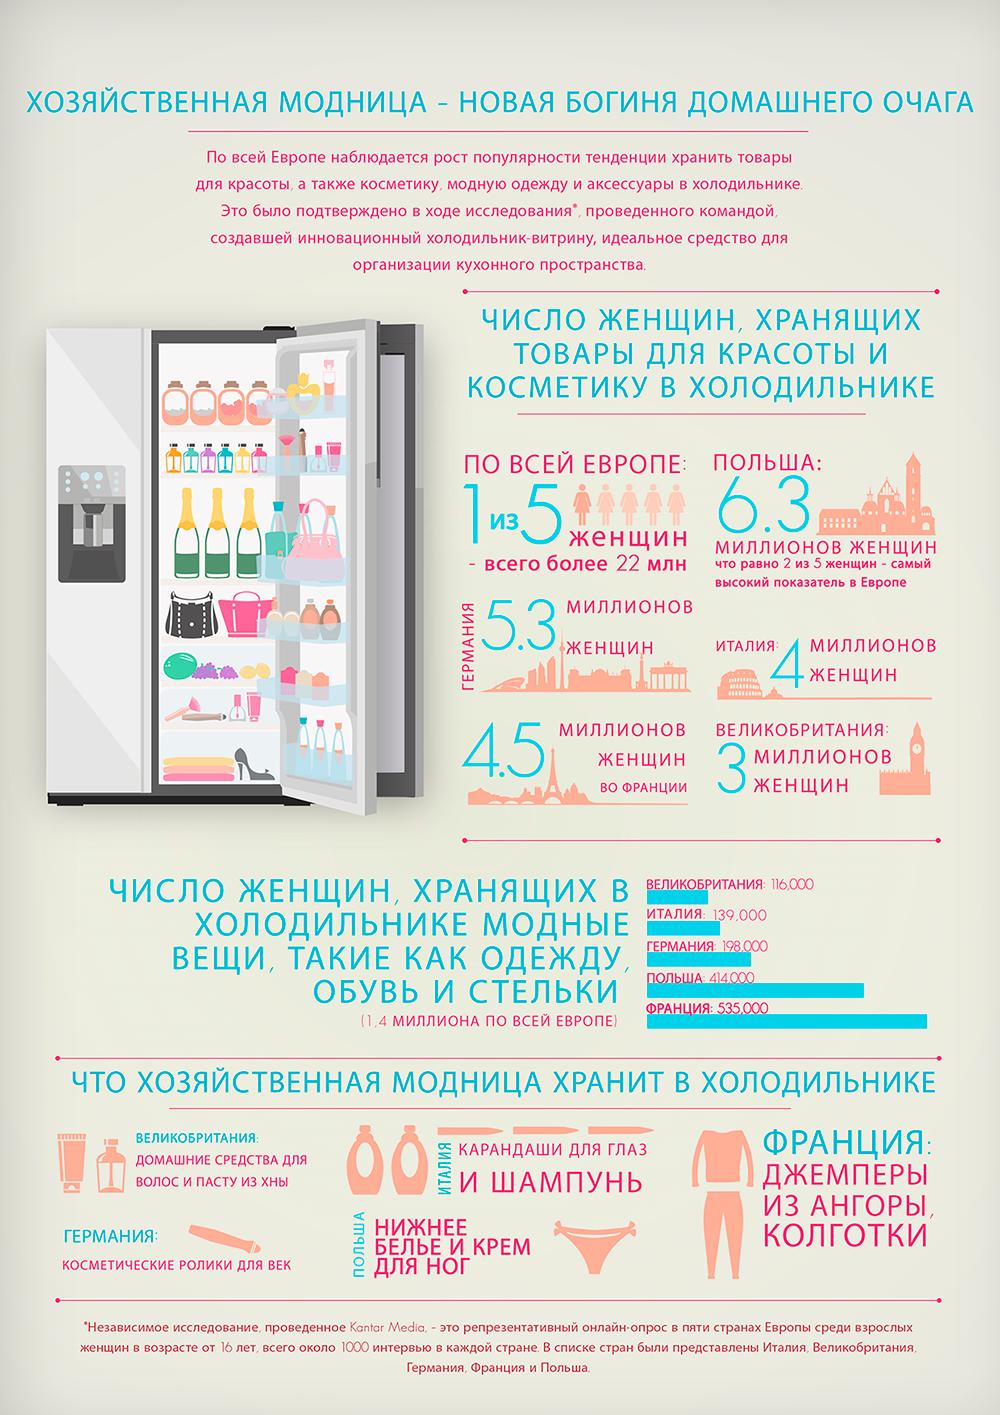 Что в холодильнике?